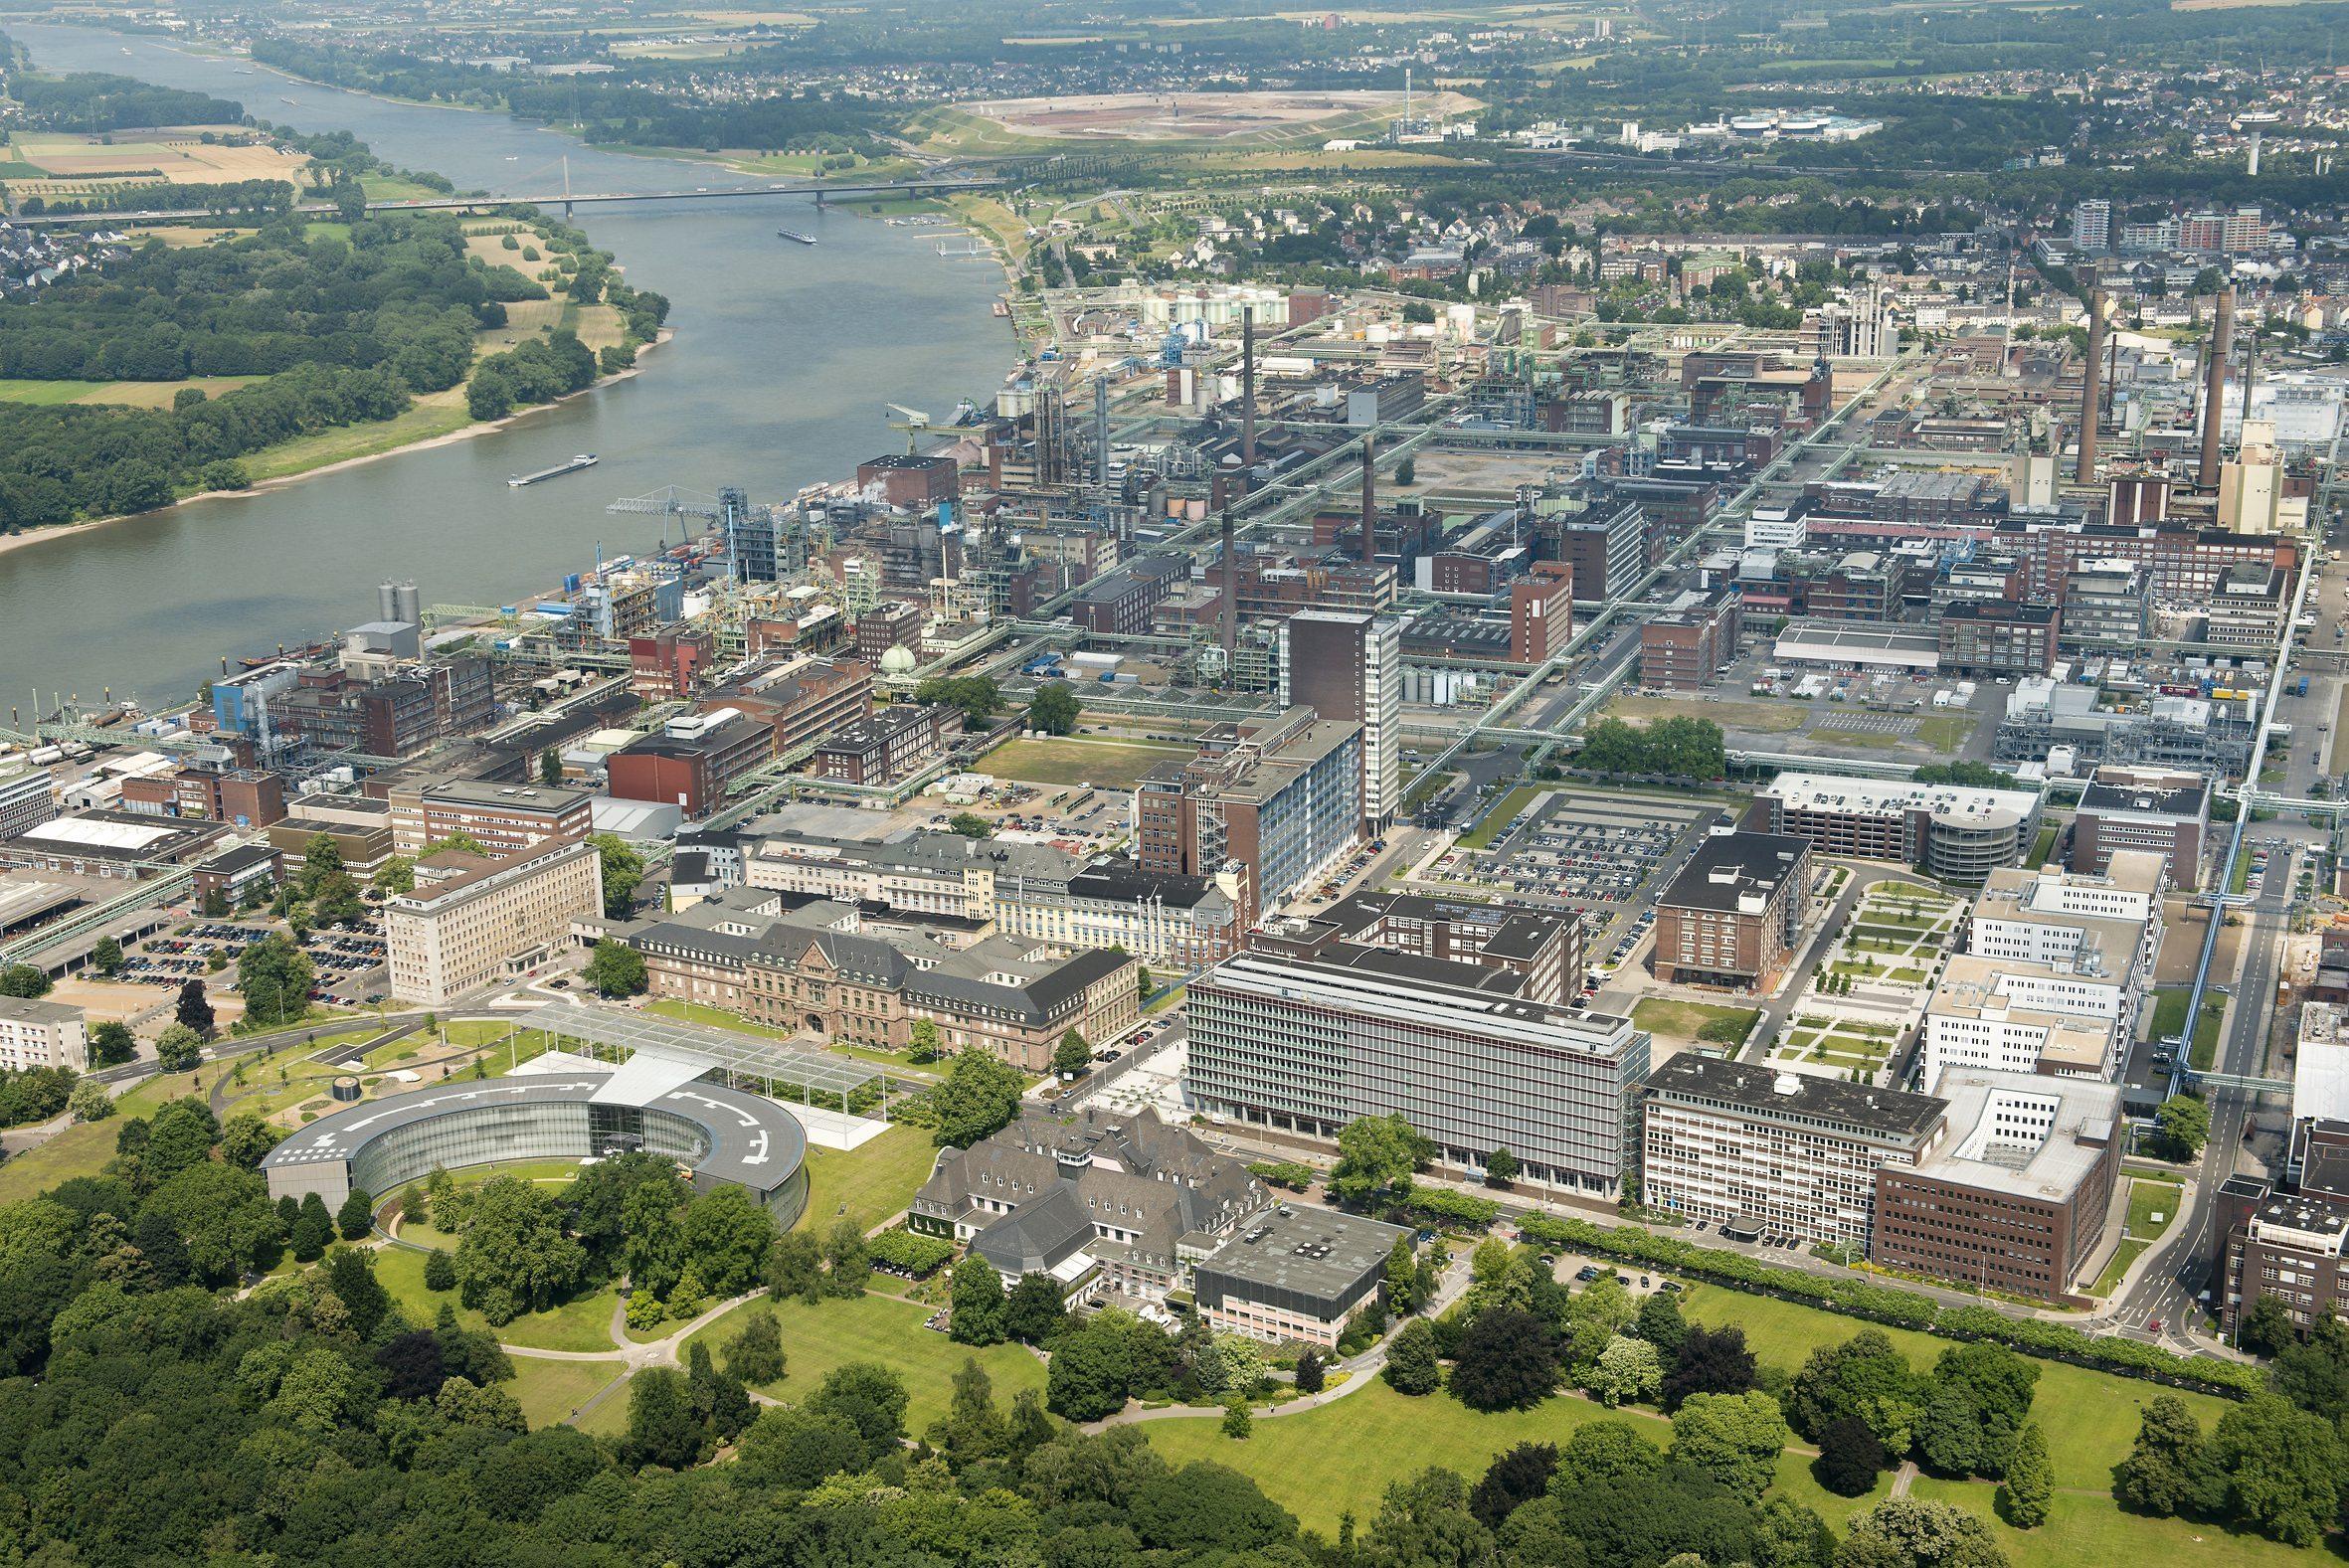 Luftaufnahme vom CHEMPARK Leverkusen, Blickrichtung Norden